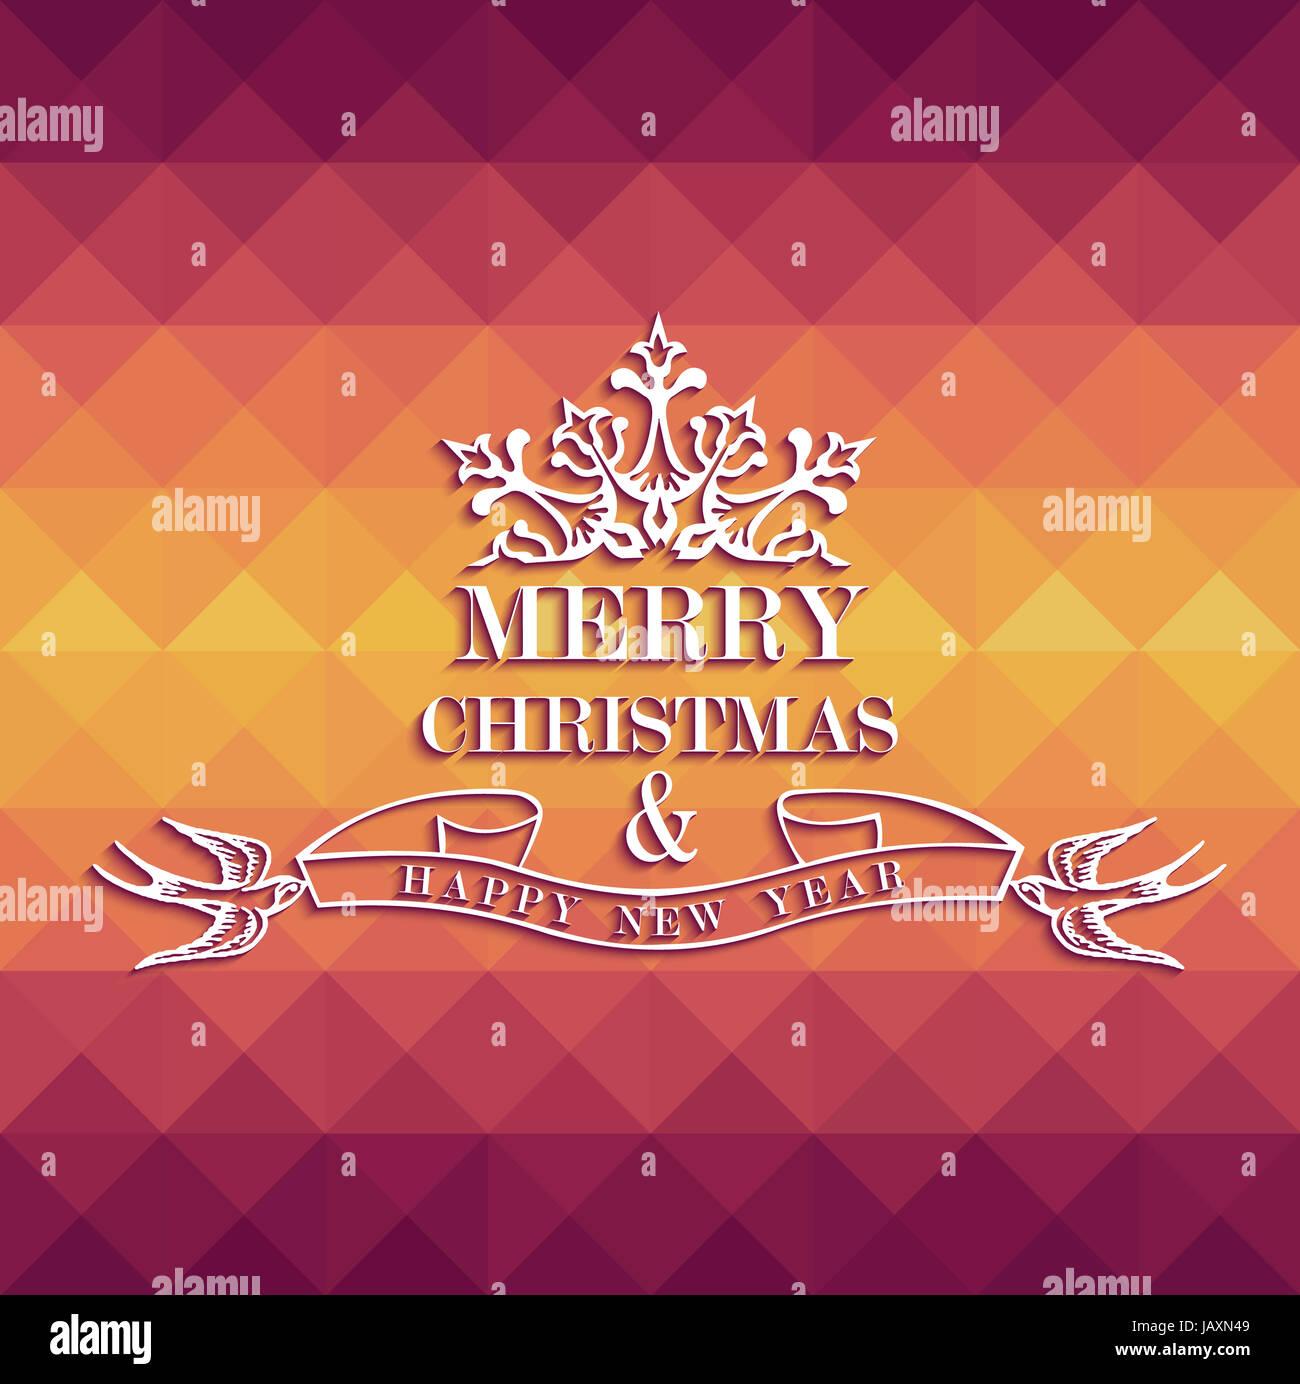 Frohe Weihnachten Vintage Beschriftung mit Farben Dreieck ...